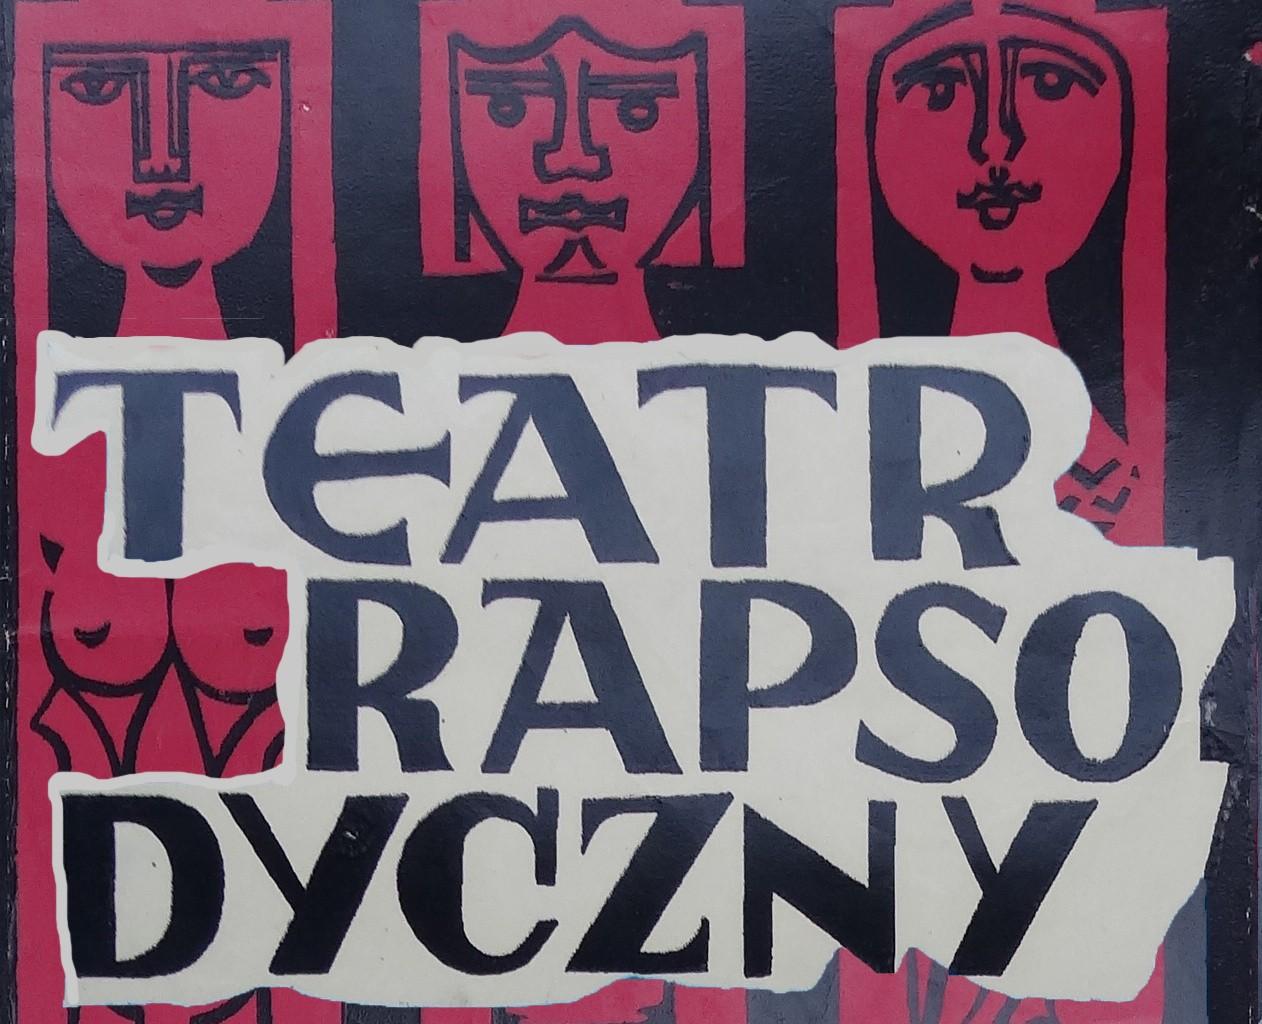 Teatr Rapsodyczny - oprawa graficzna wystawy w Archiwum Narodowym w Krakowie